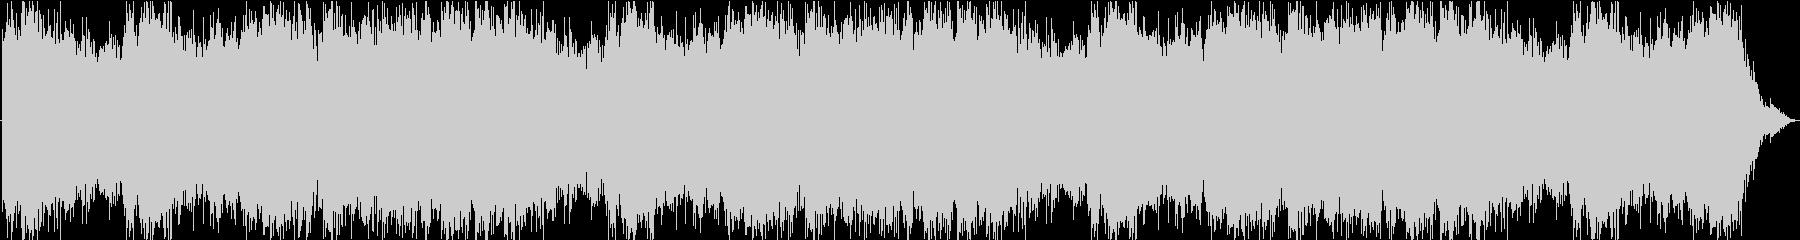 イメージ トーキングノイズ01の未再生の波形